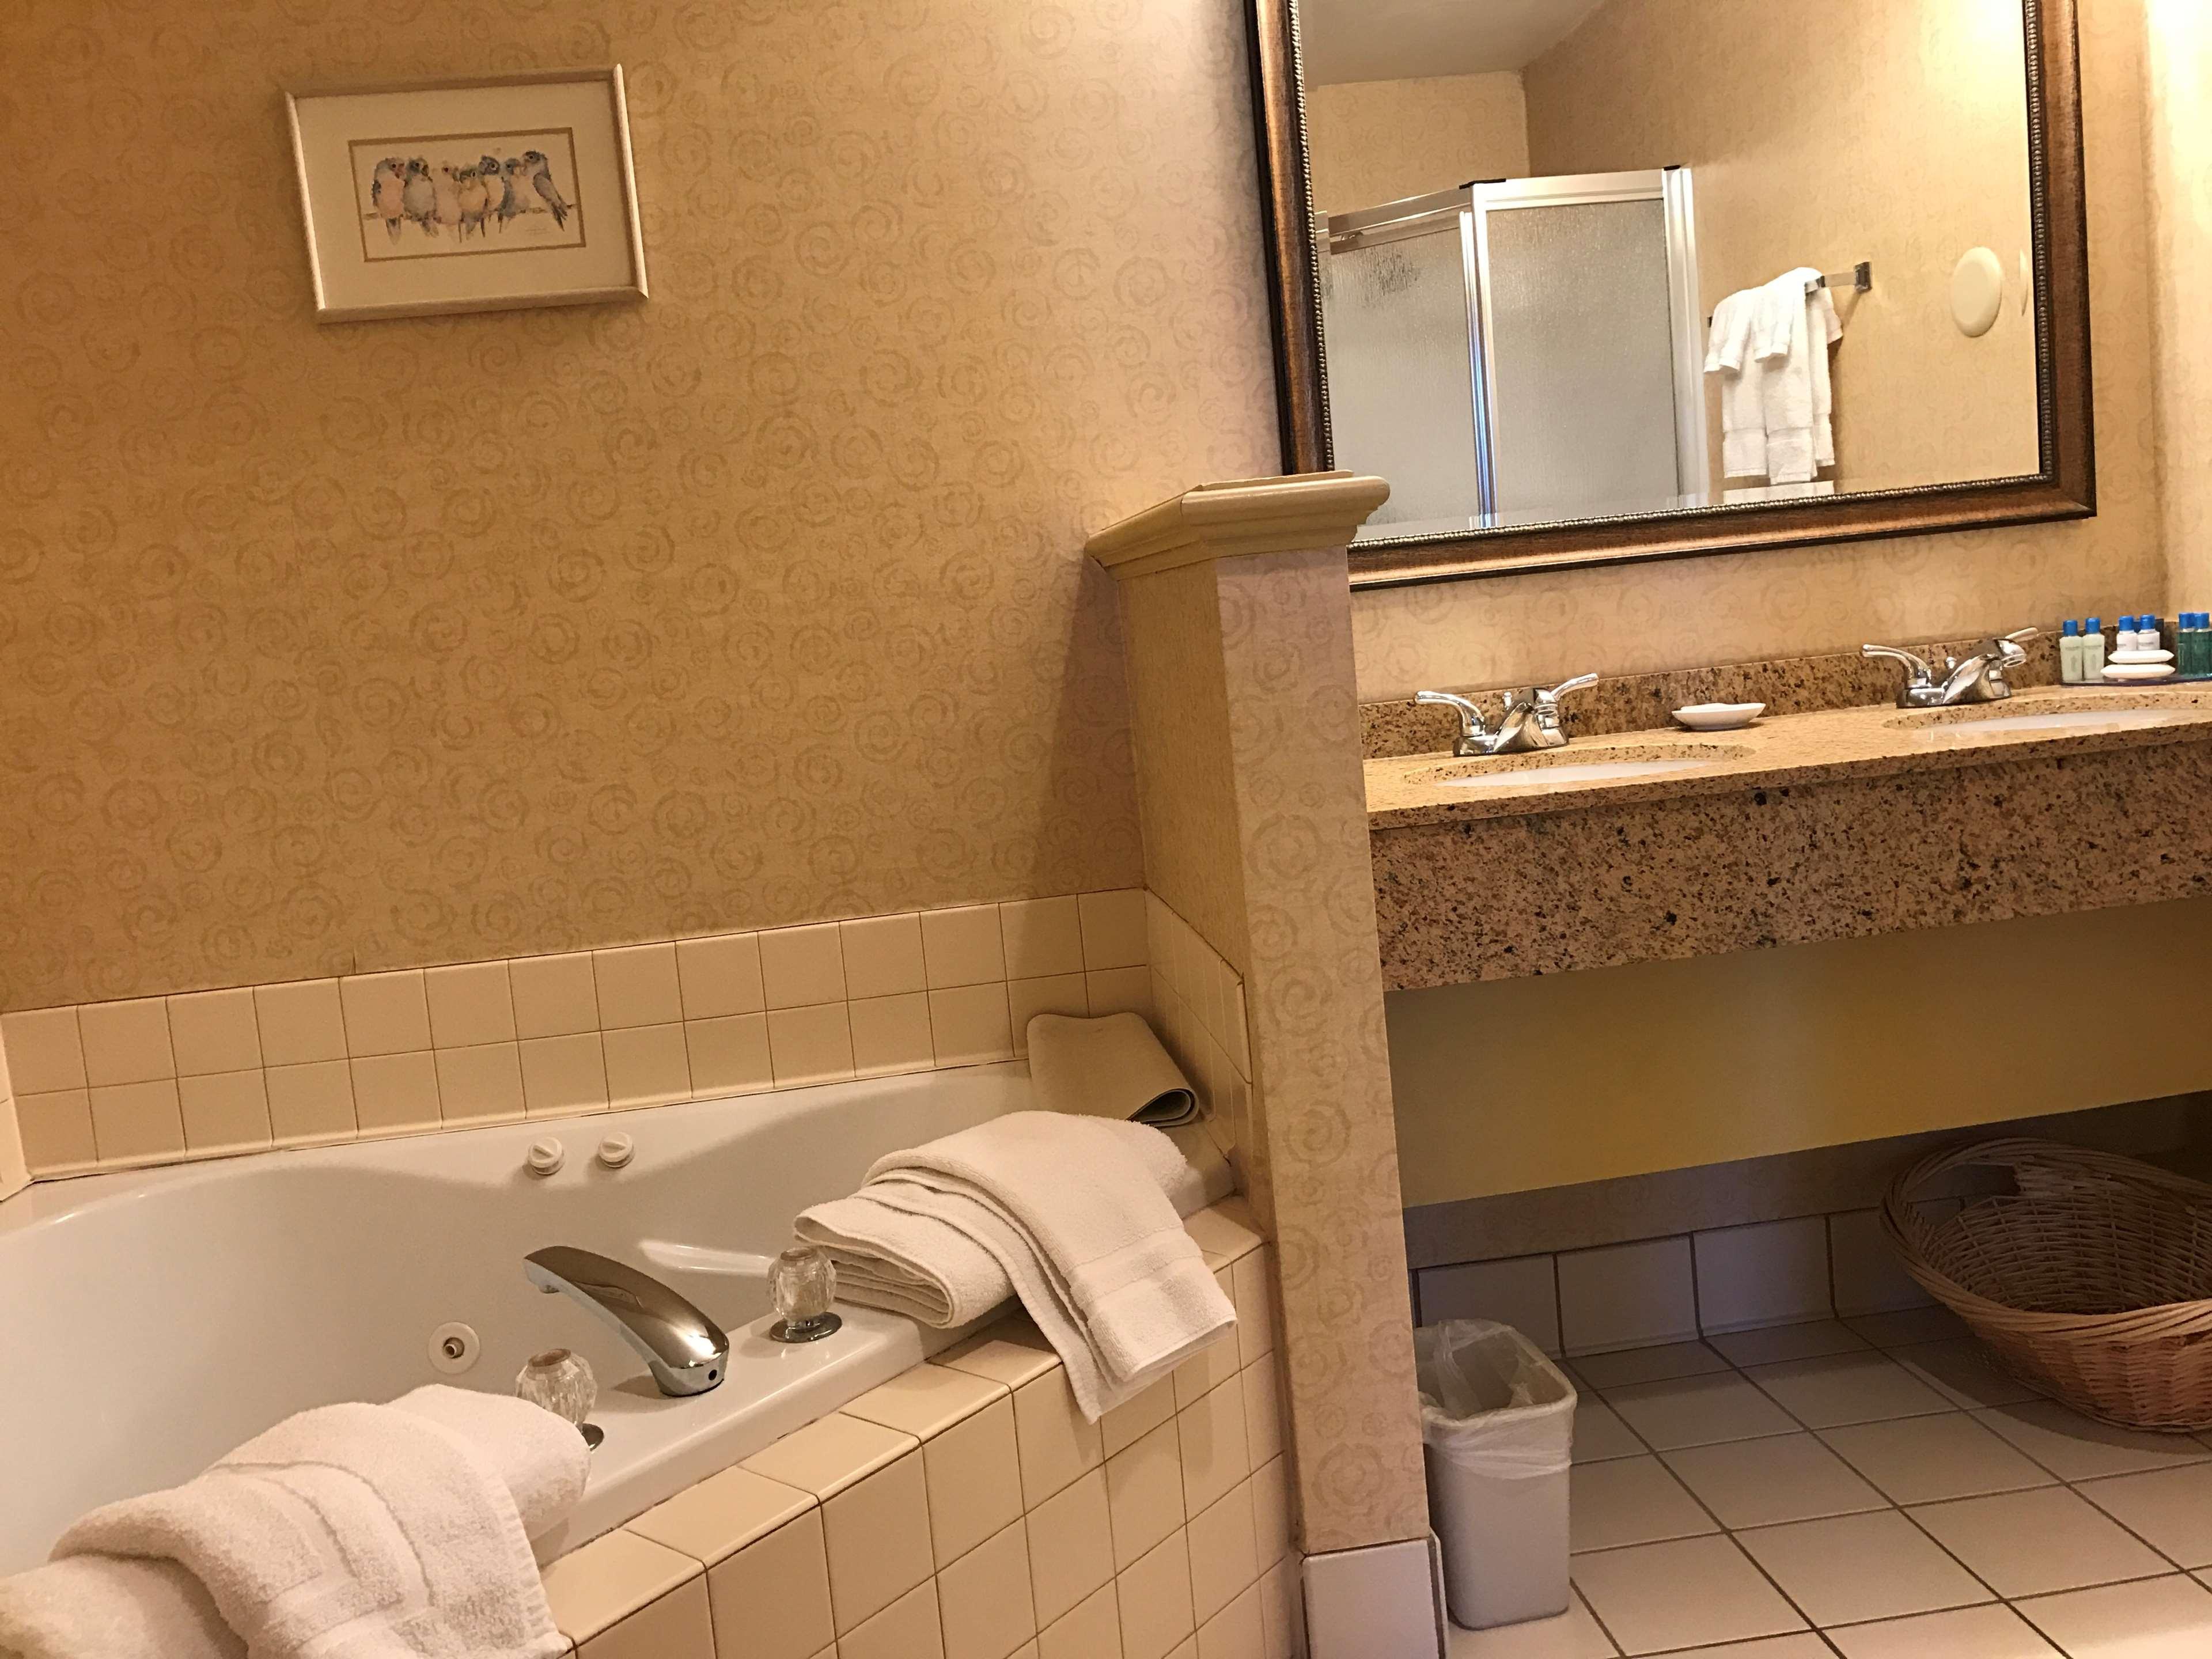 Best Western Plus Revere Inn & Suites image 25